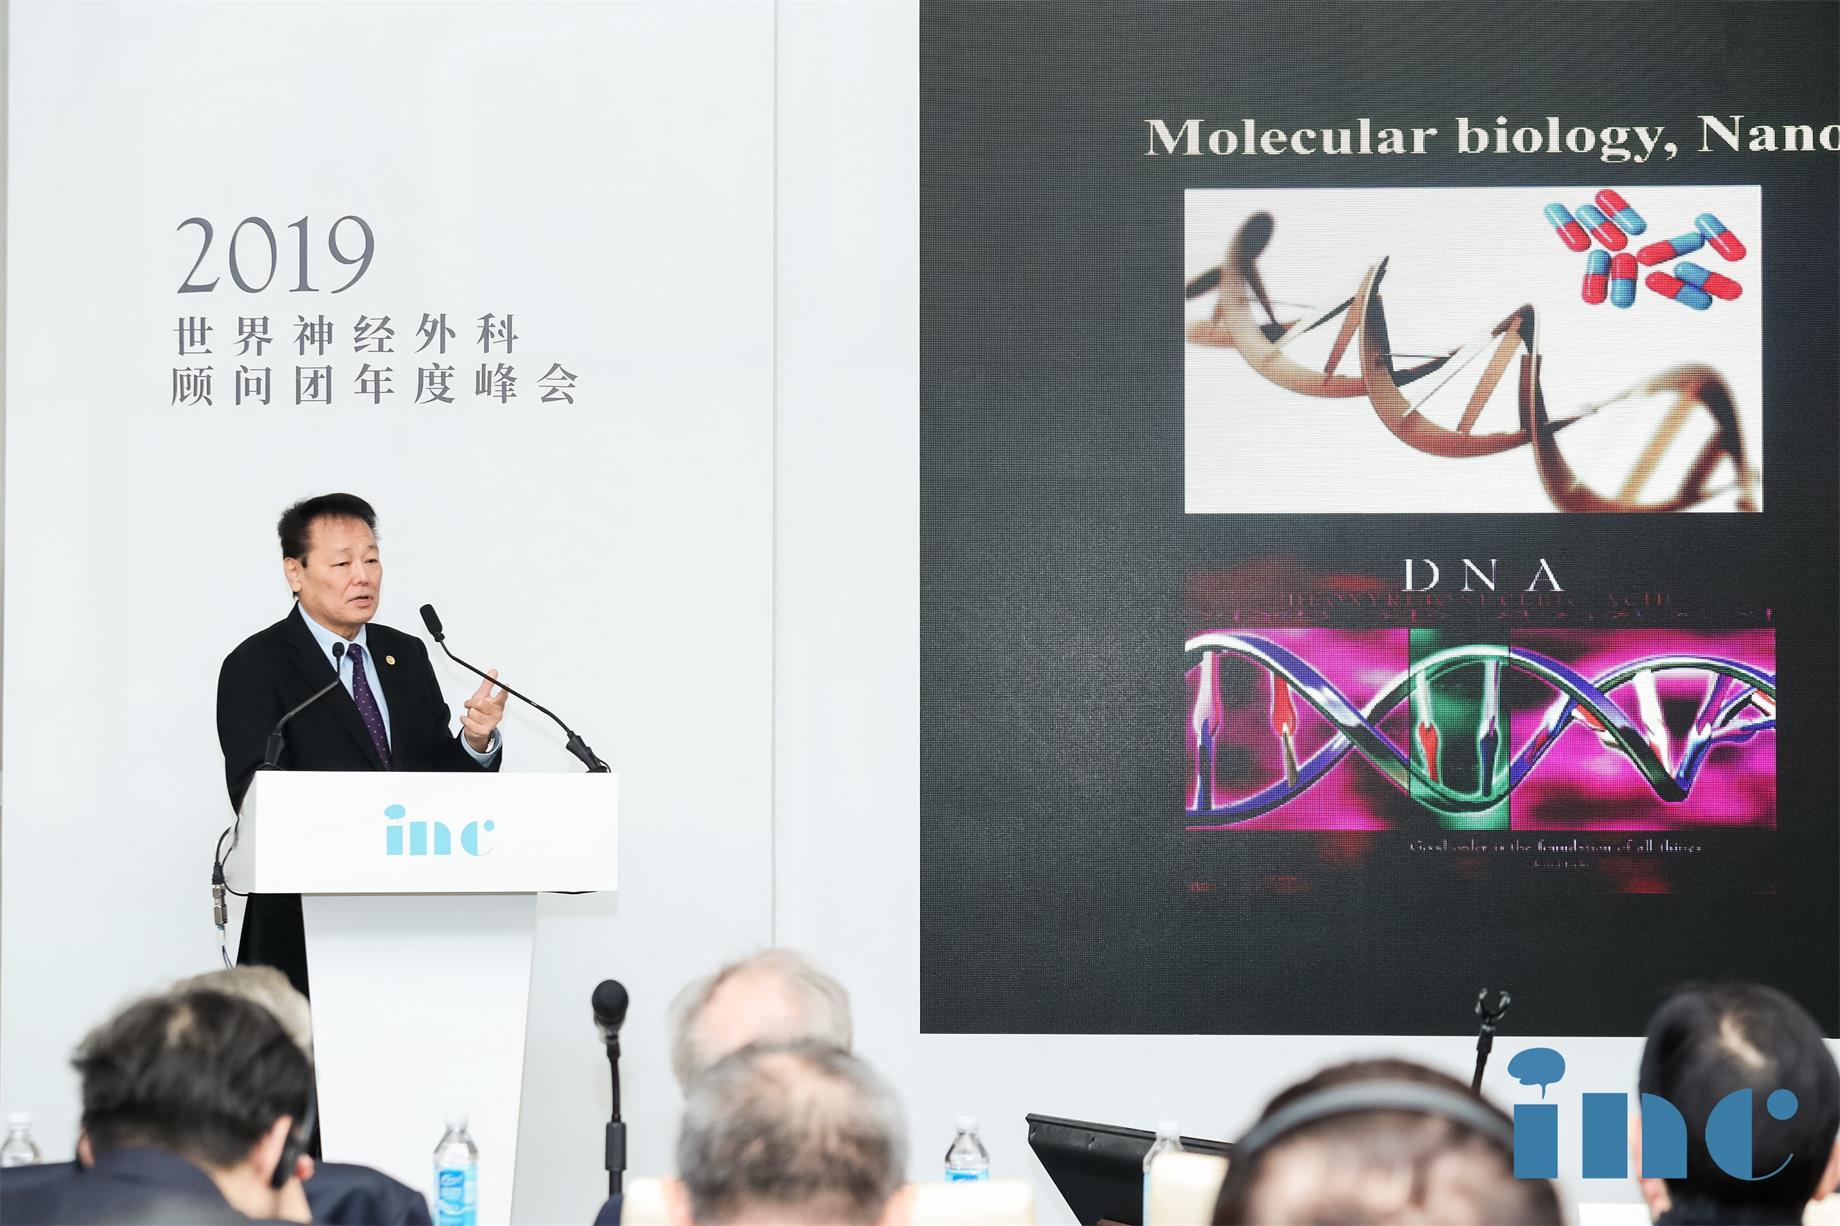 福岛式键穴手术的发明者日本福岛孝德教授 :微创锁孔手术的40年经验发展